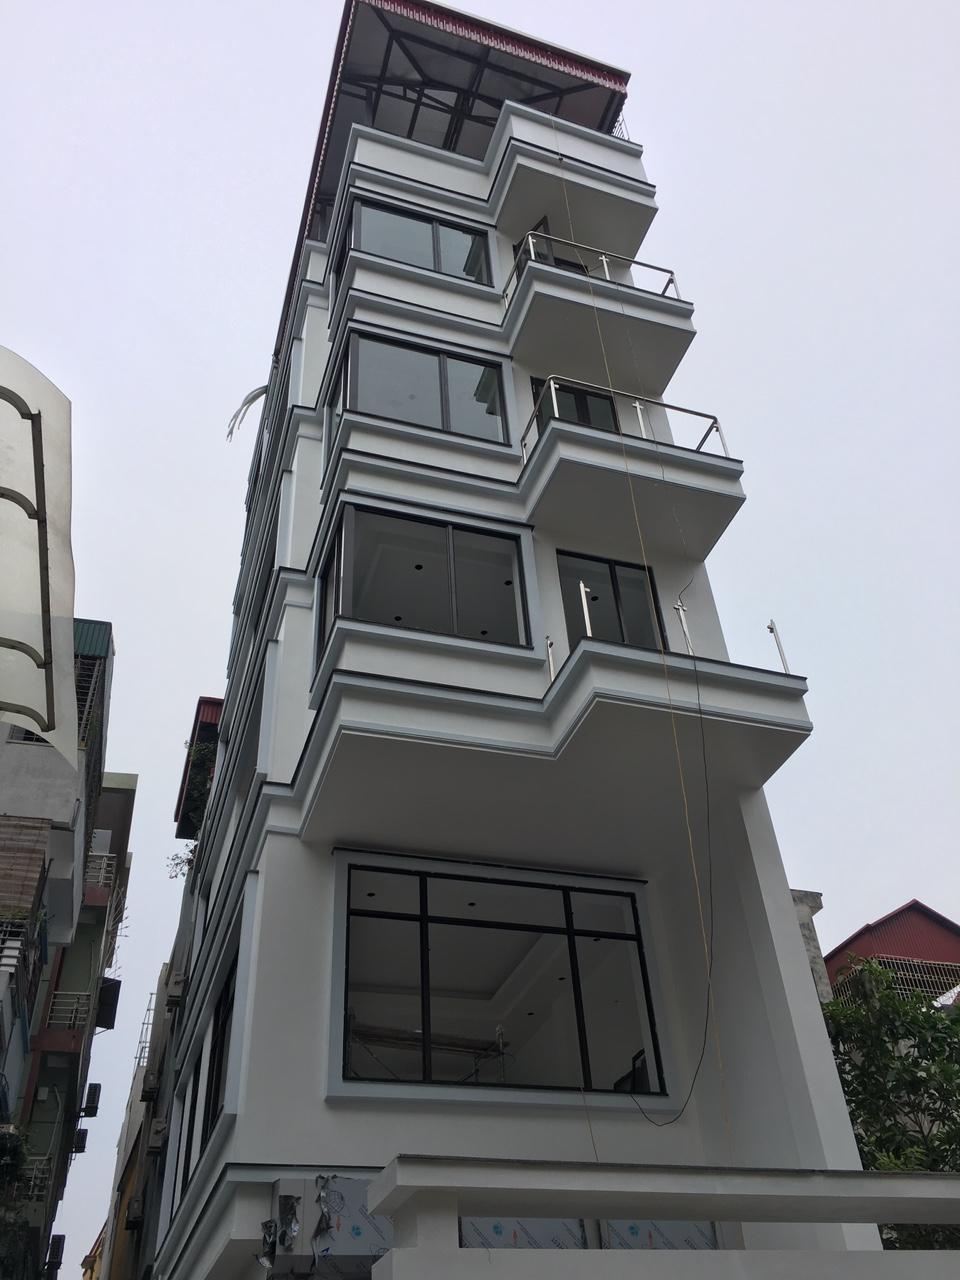 Hoàn thiện xây mới công trình nhà chú Hải tại Lạc Long Quân-7